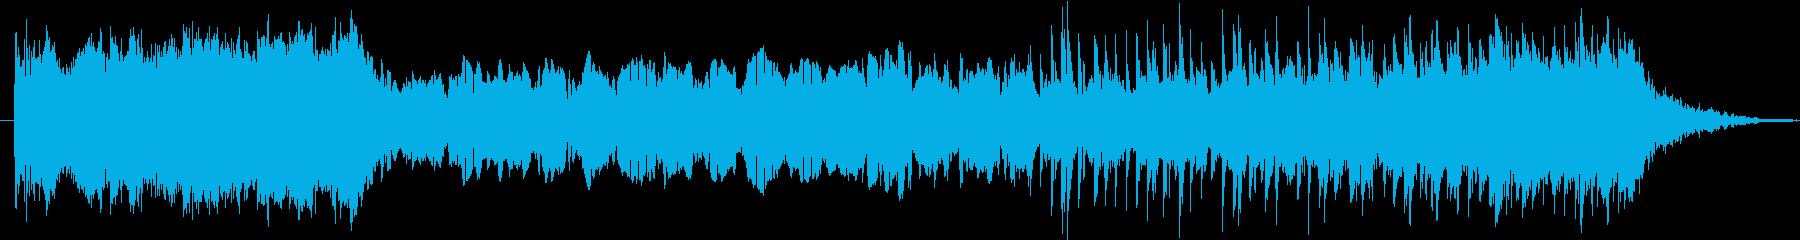 パワフルでオーケストラ的な電子サウンドの再生済みの波形